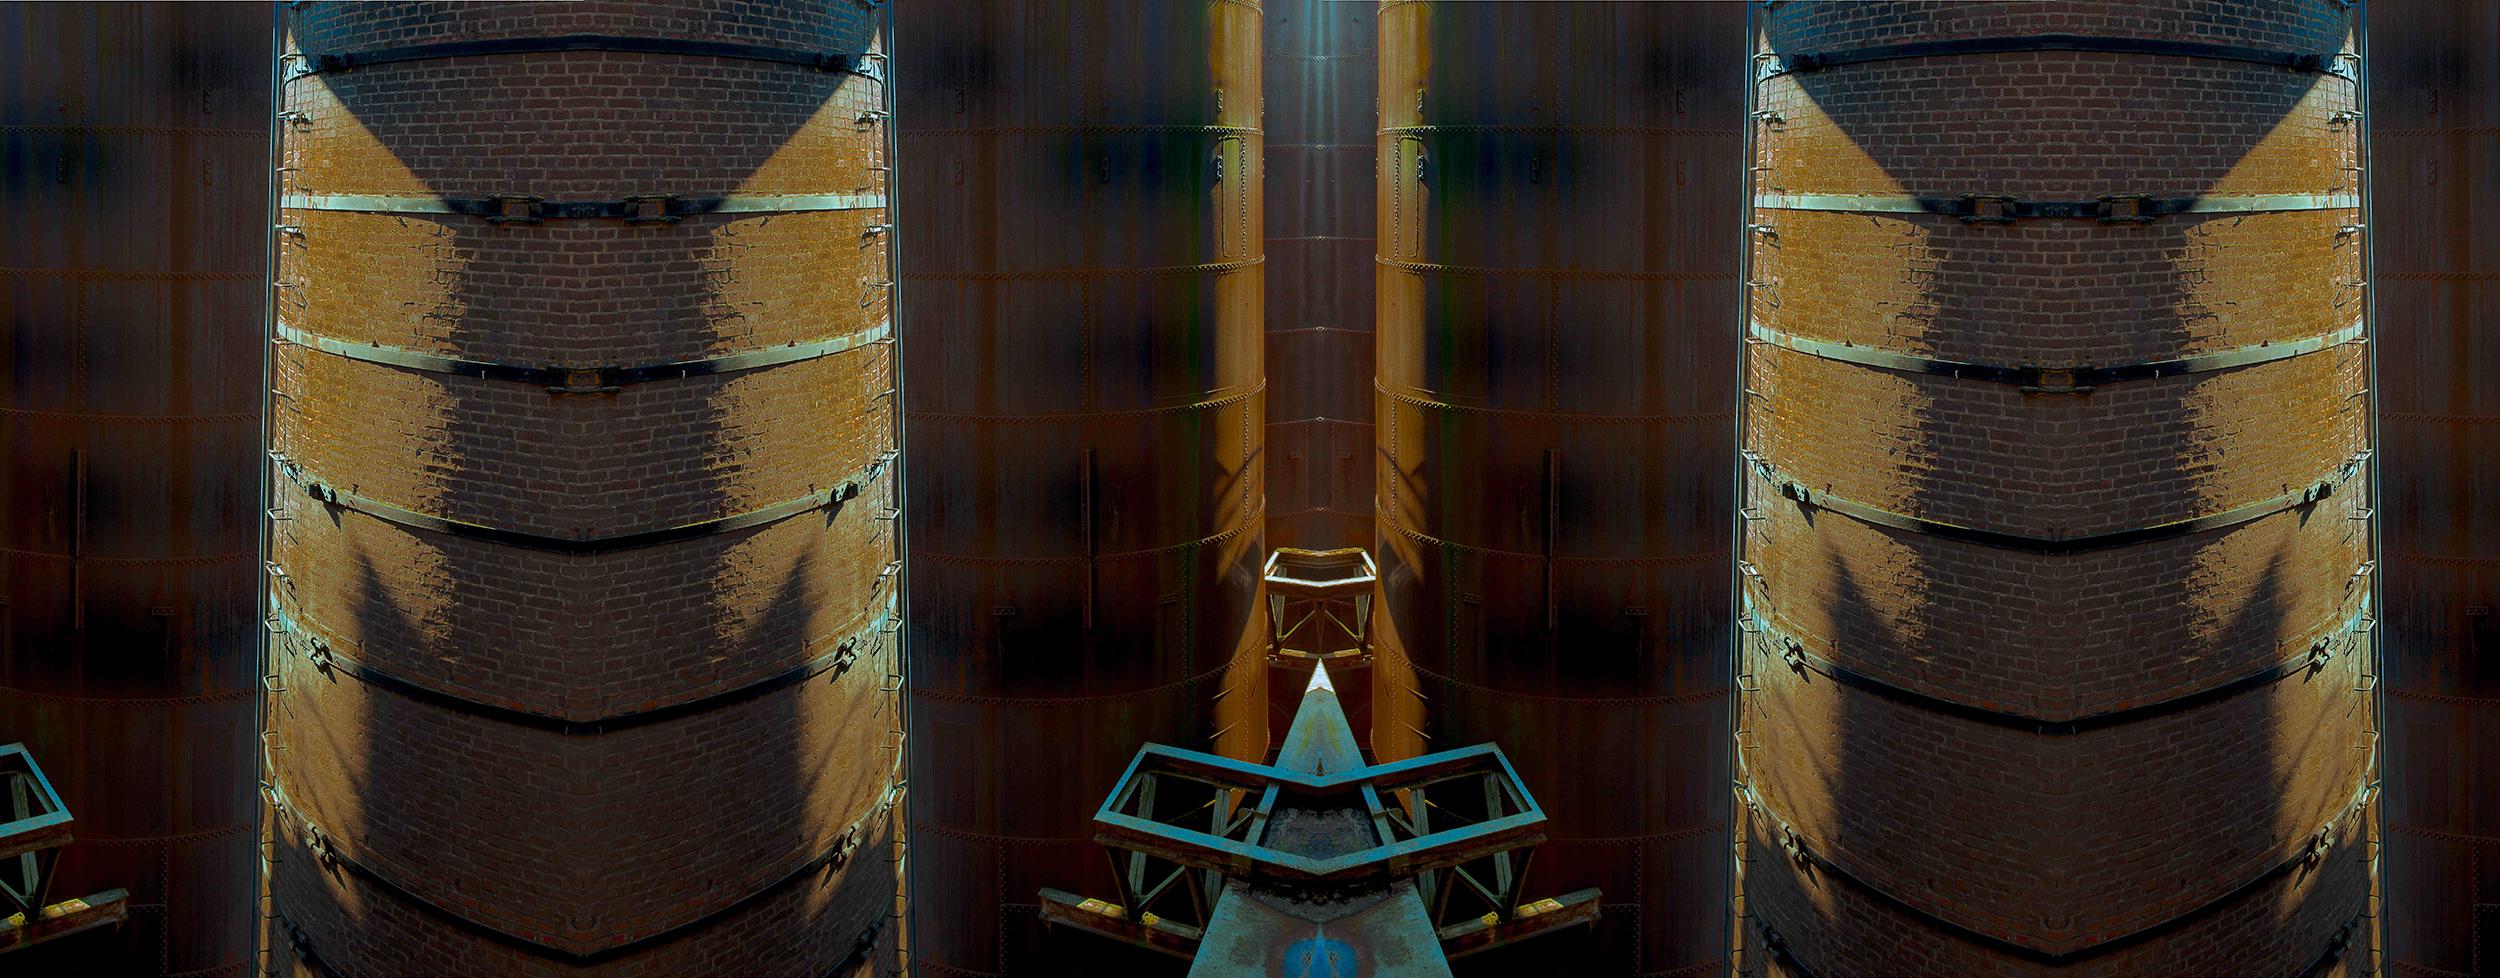 IMG_8582-Steelspace